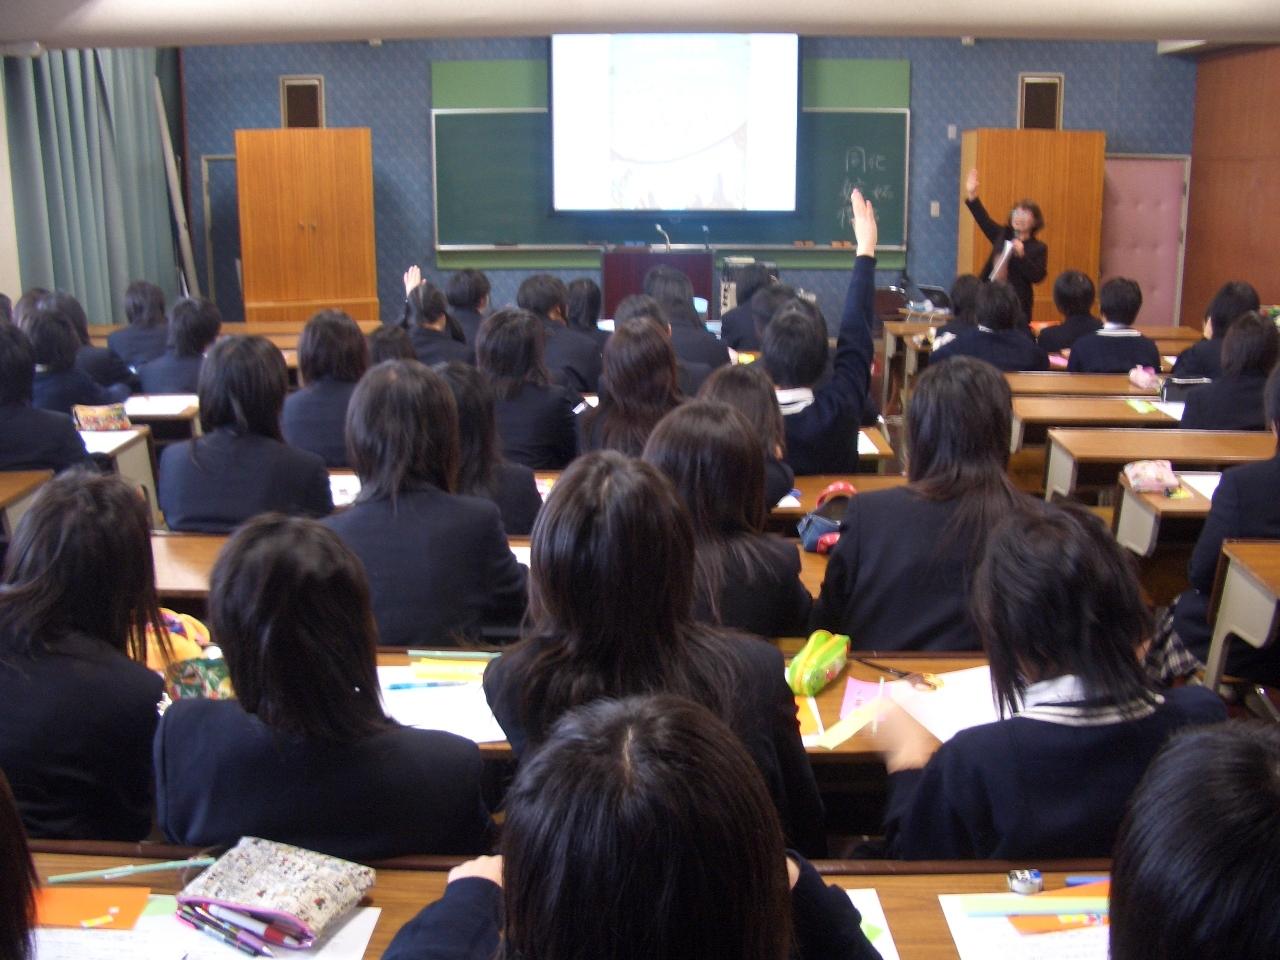 高短連携「出前授業」での写真